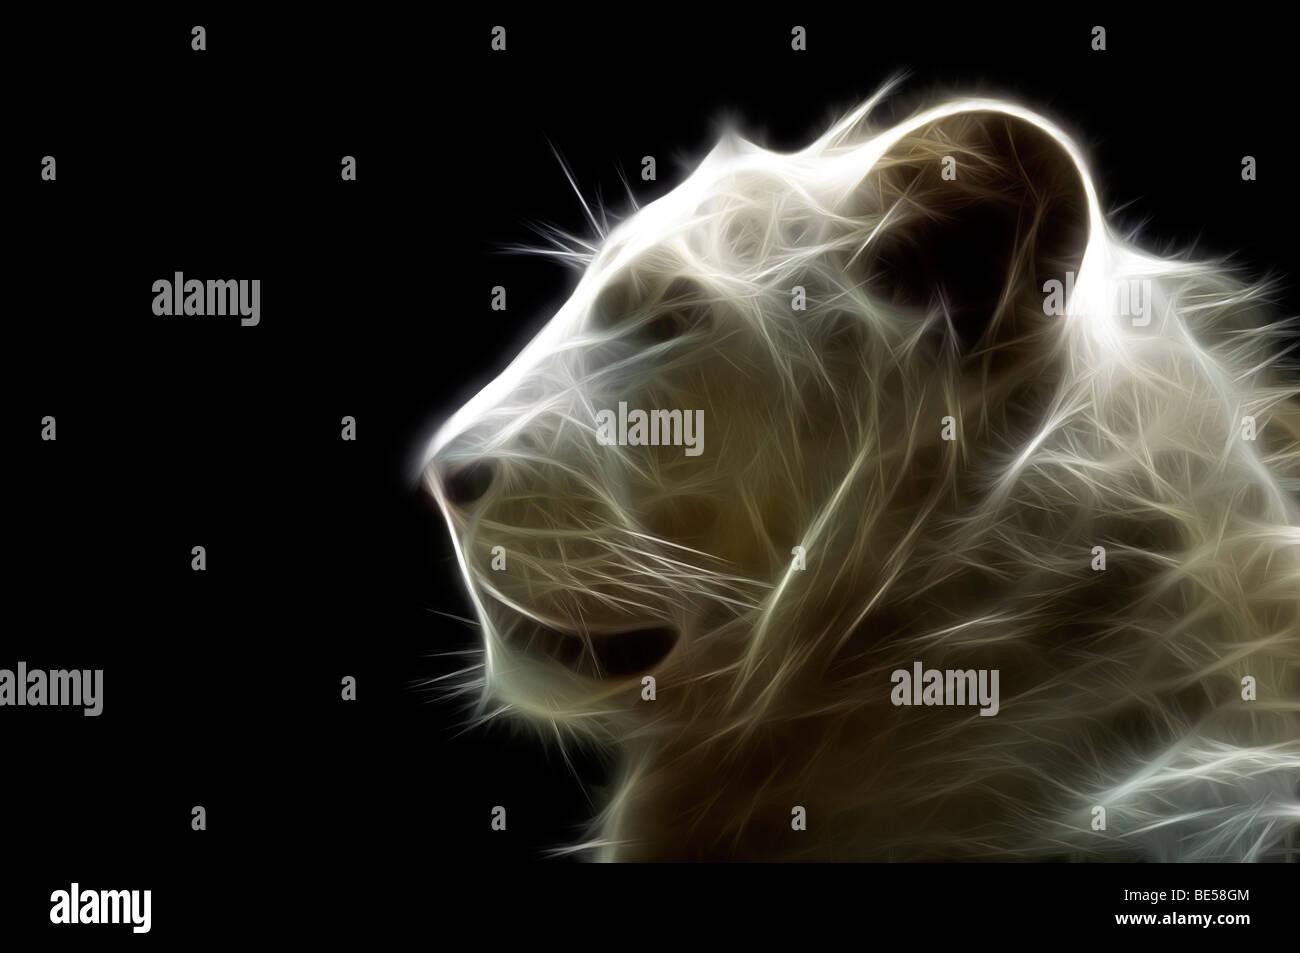 Un formato digitale illustrato la testa di un leone bianco (Panthera leo). Ritratto d'onu lion blanc ( Dessin assisté Foto Stock